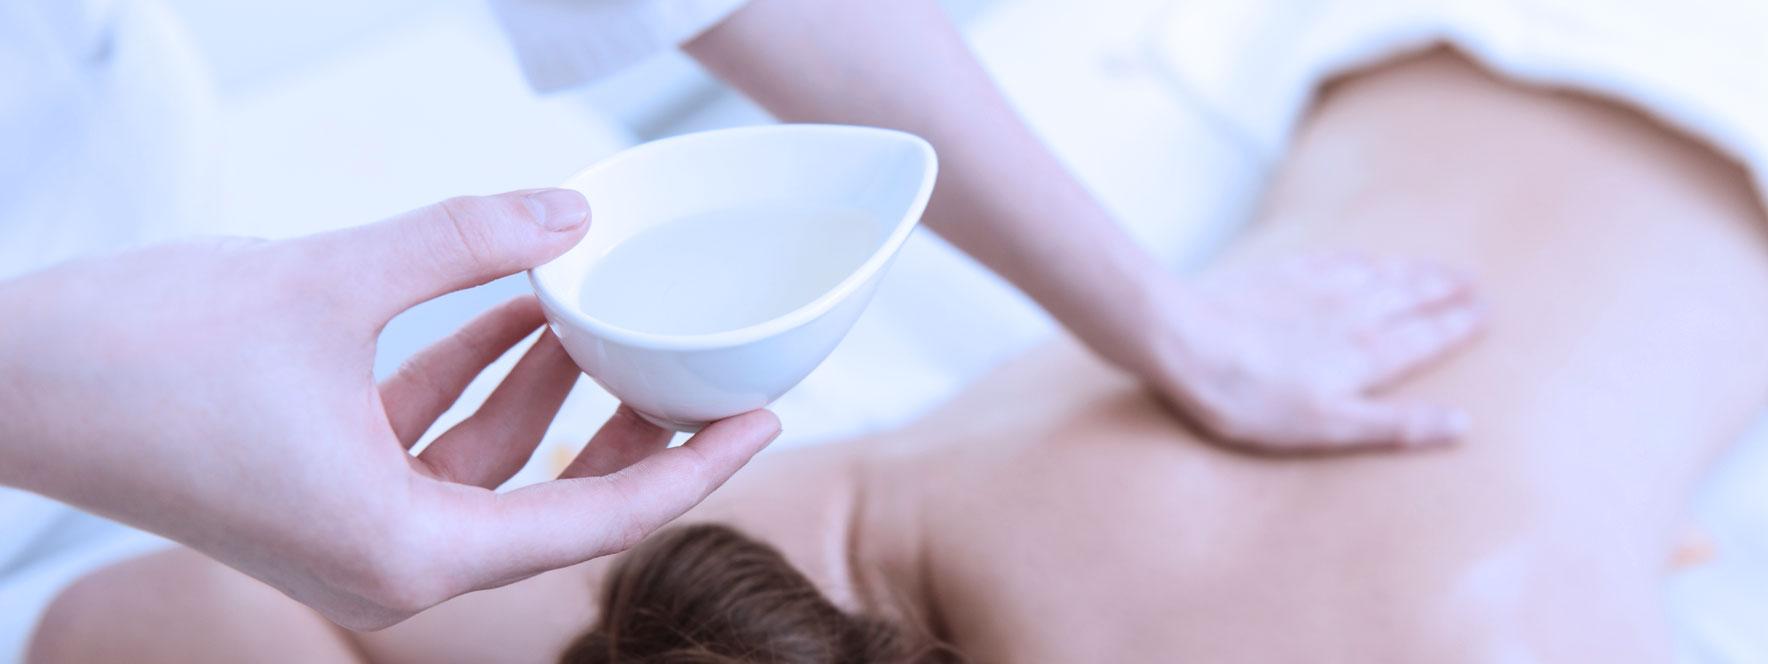 Fréquence d'utilisation huile à massage - Blogue du Réseau